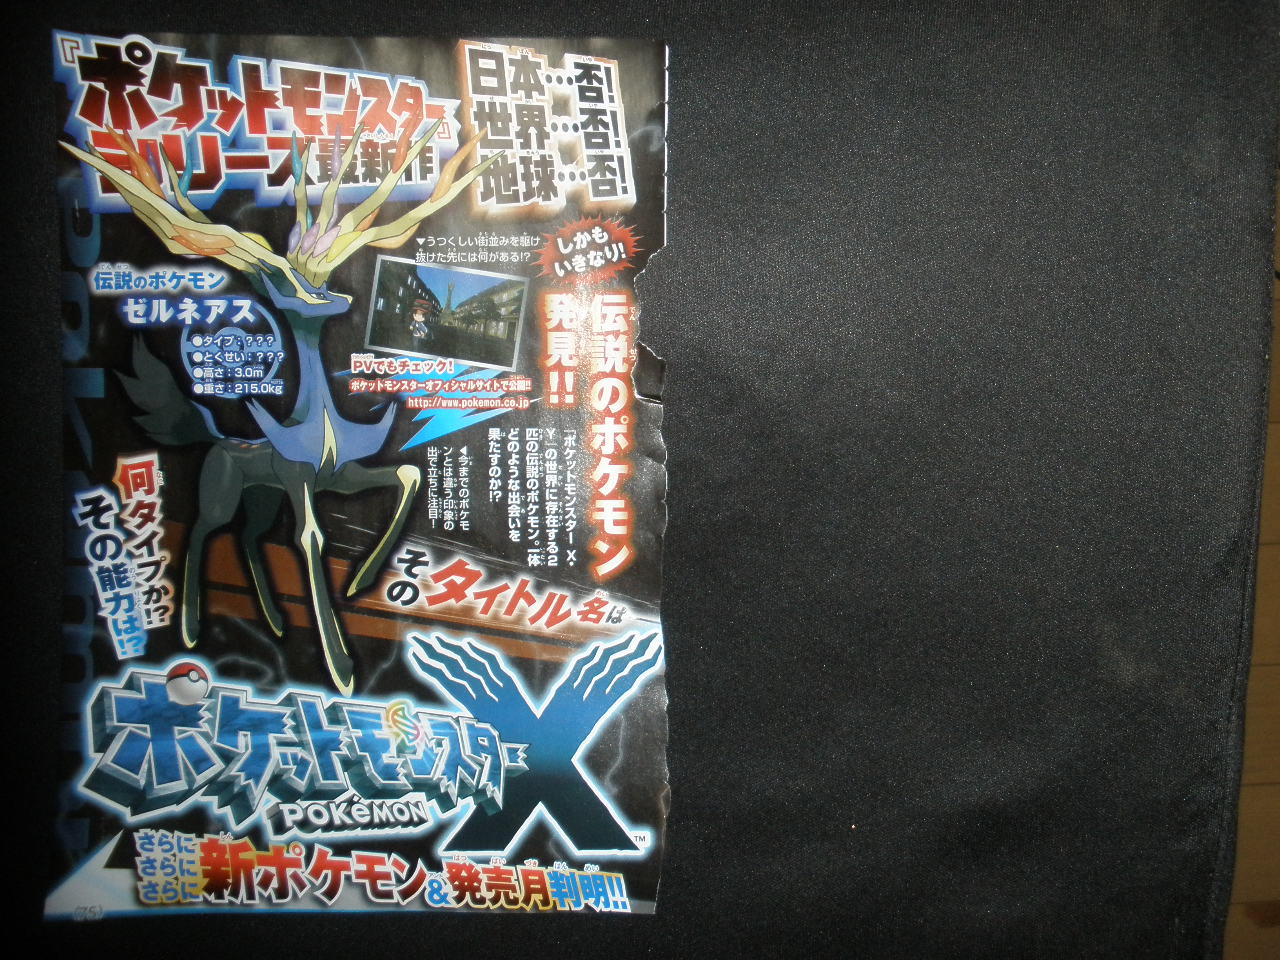 http://blog-imgs-43.fc2.com/a/n/k/ankosokuho/wwwotuporg3832036.jpg